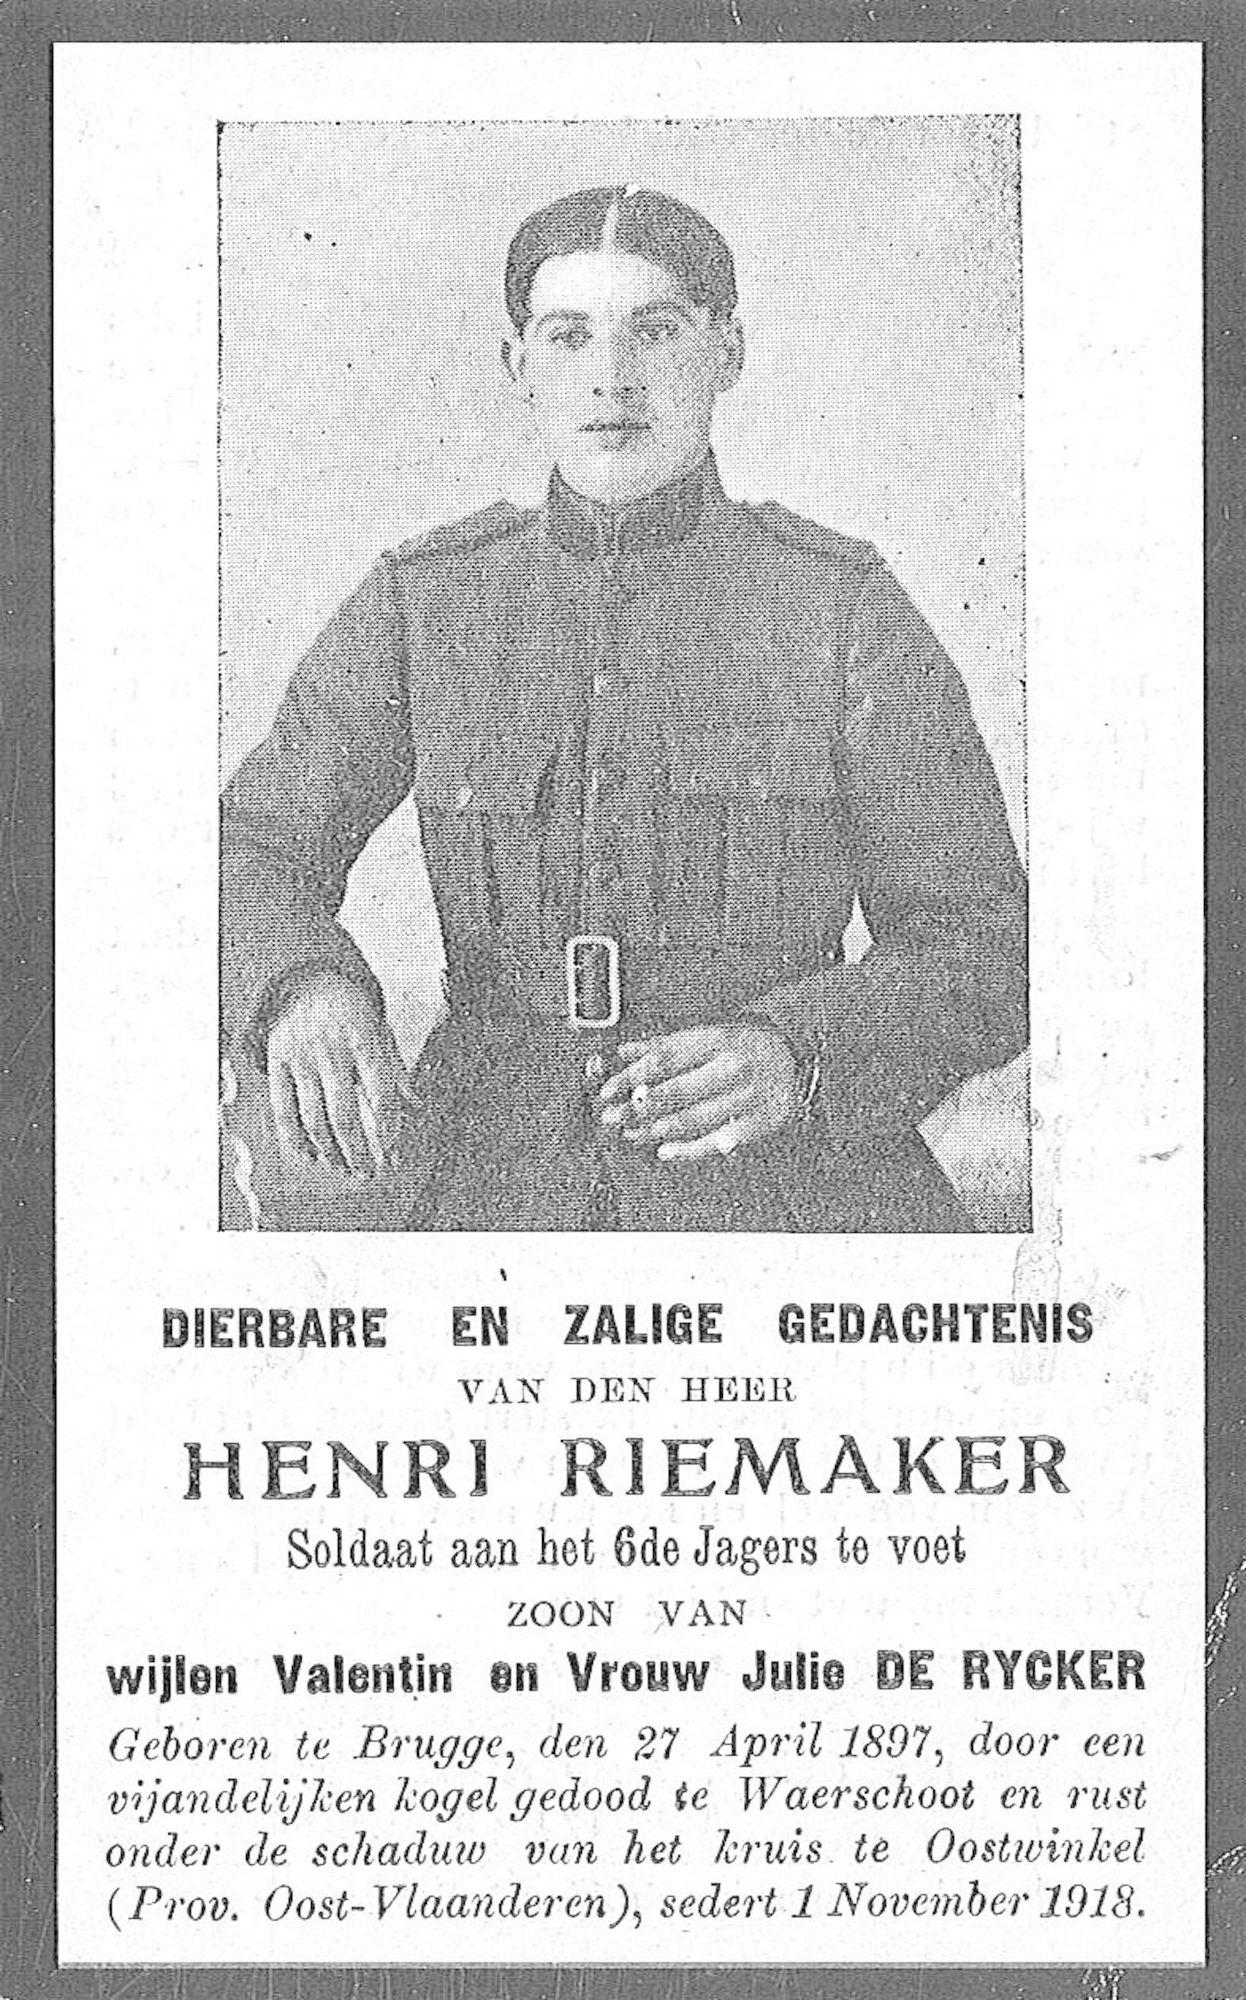 Henri Riemaker